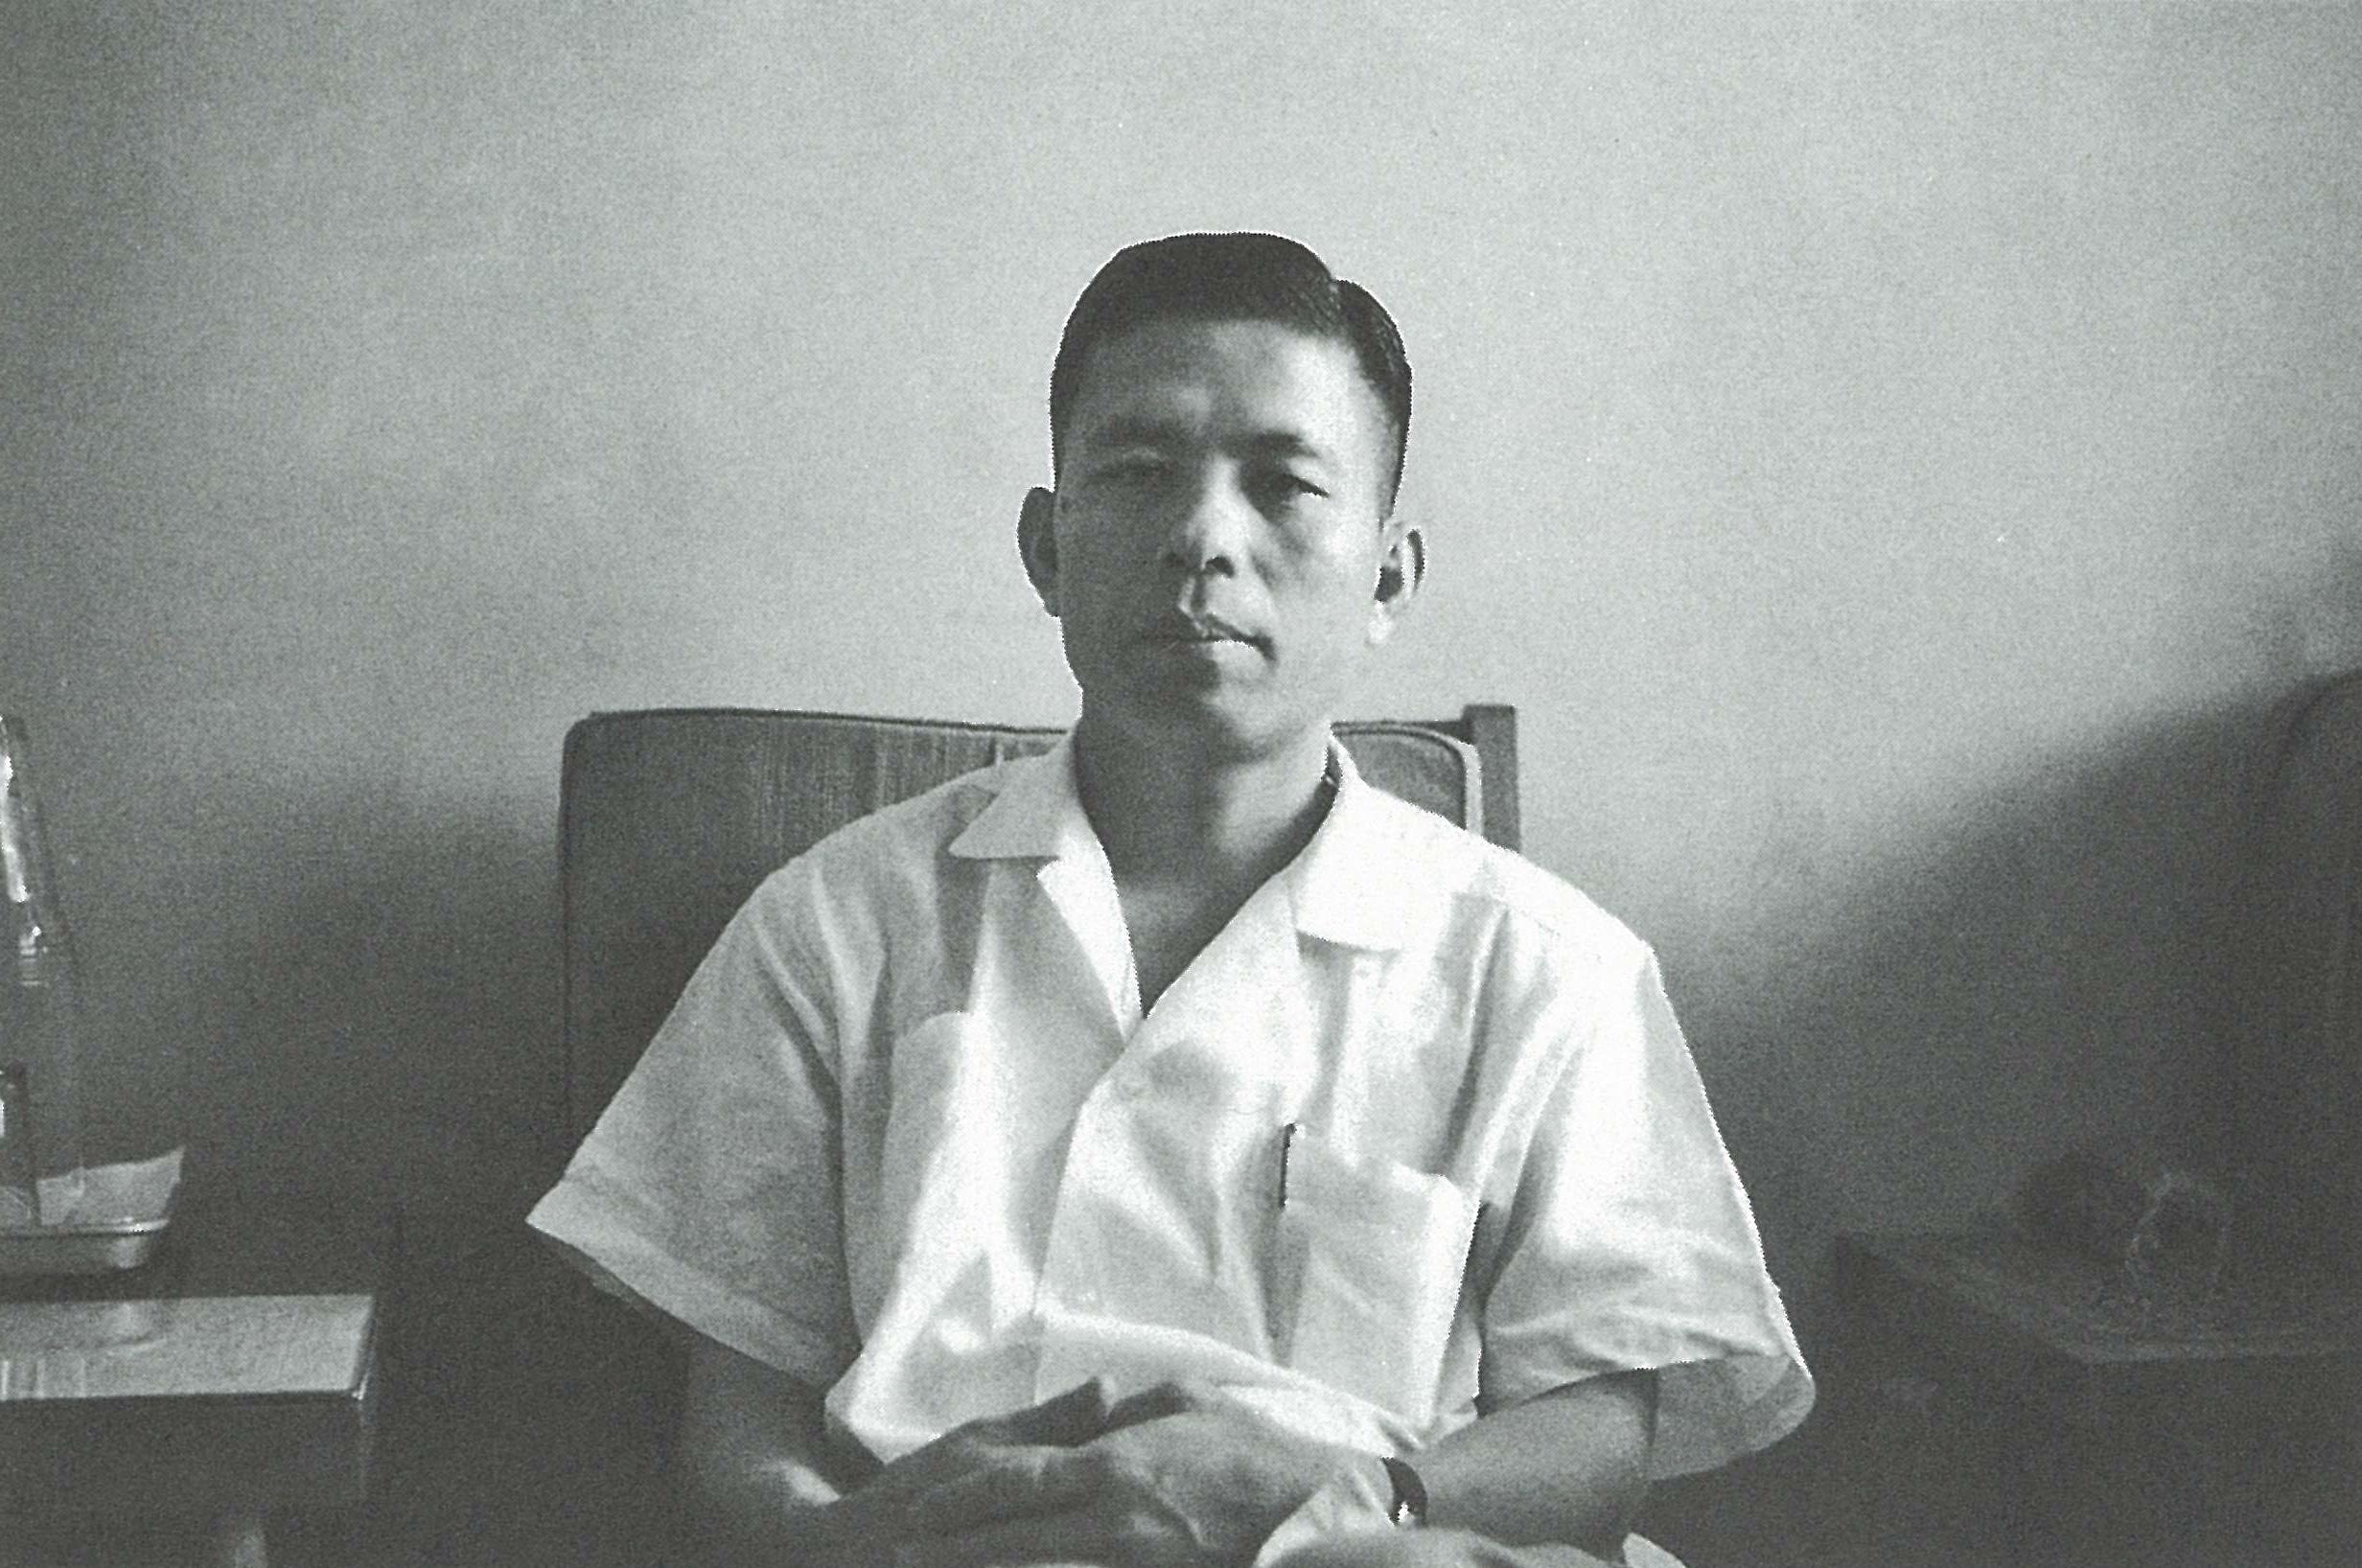 東方廣告公司創辦人溫春雄   Founder of Eastern Advertising, Wen, Chun-Hsiung